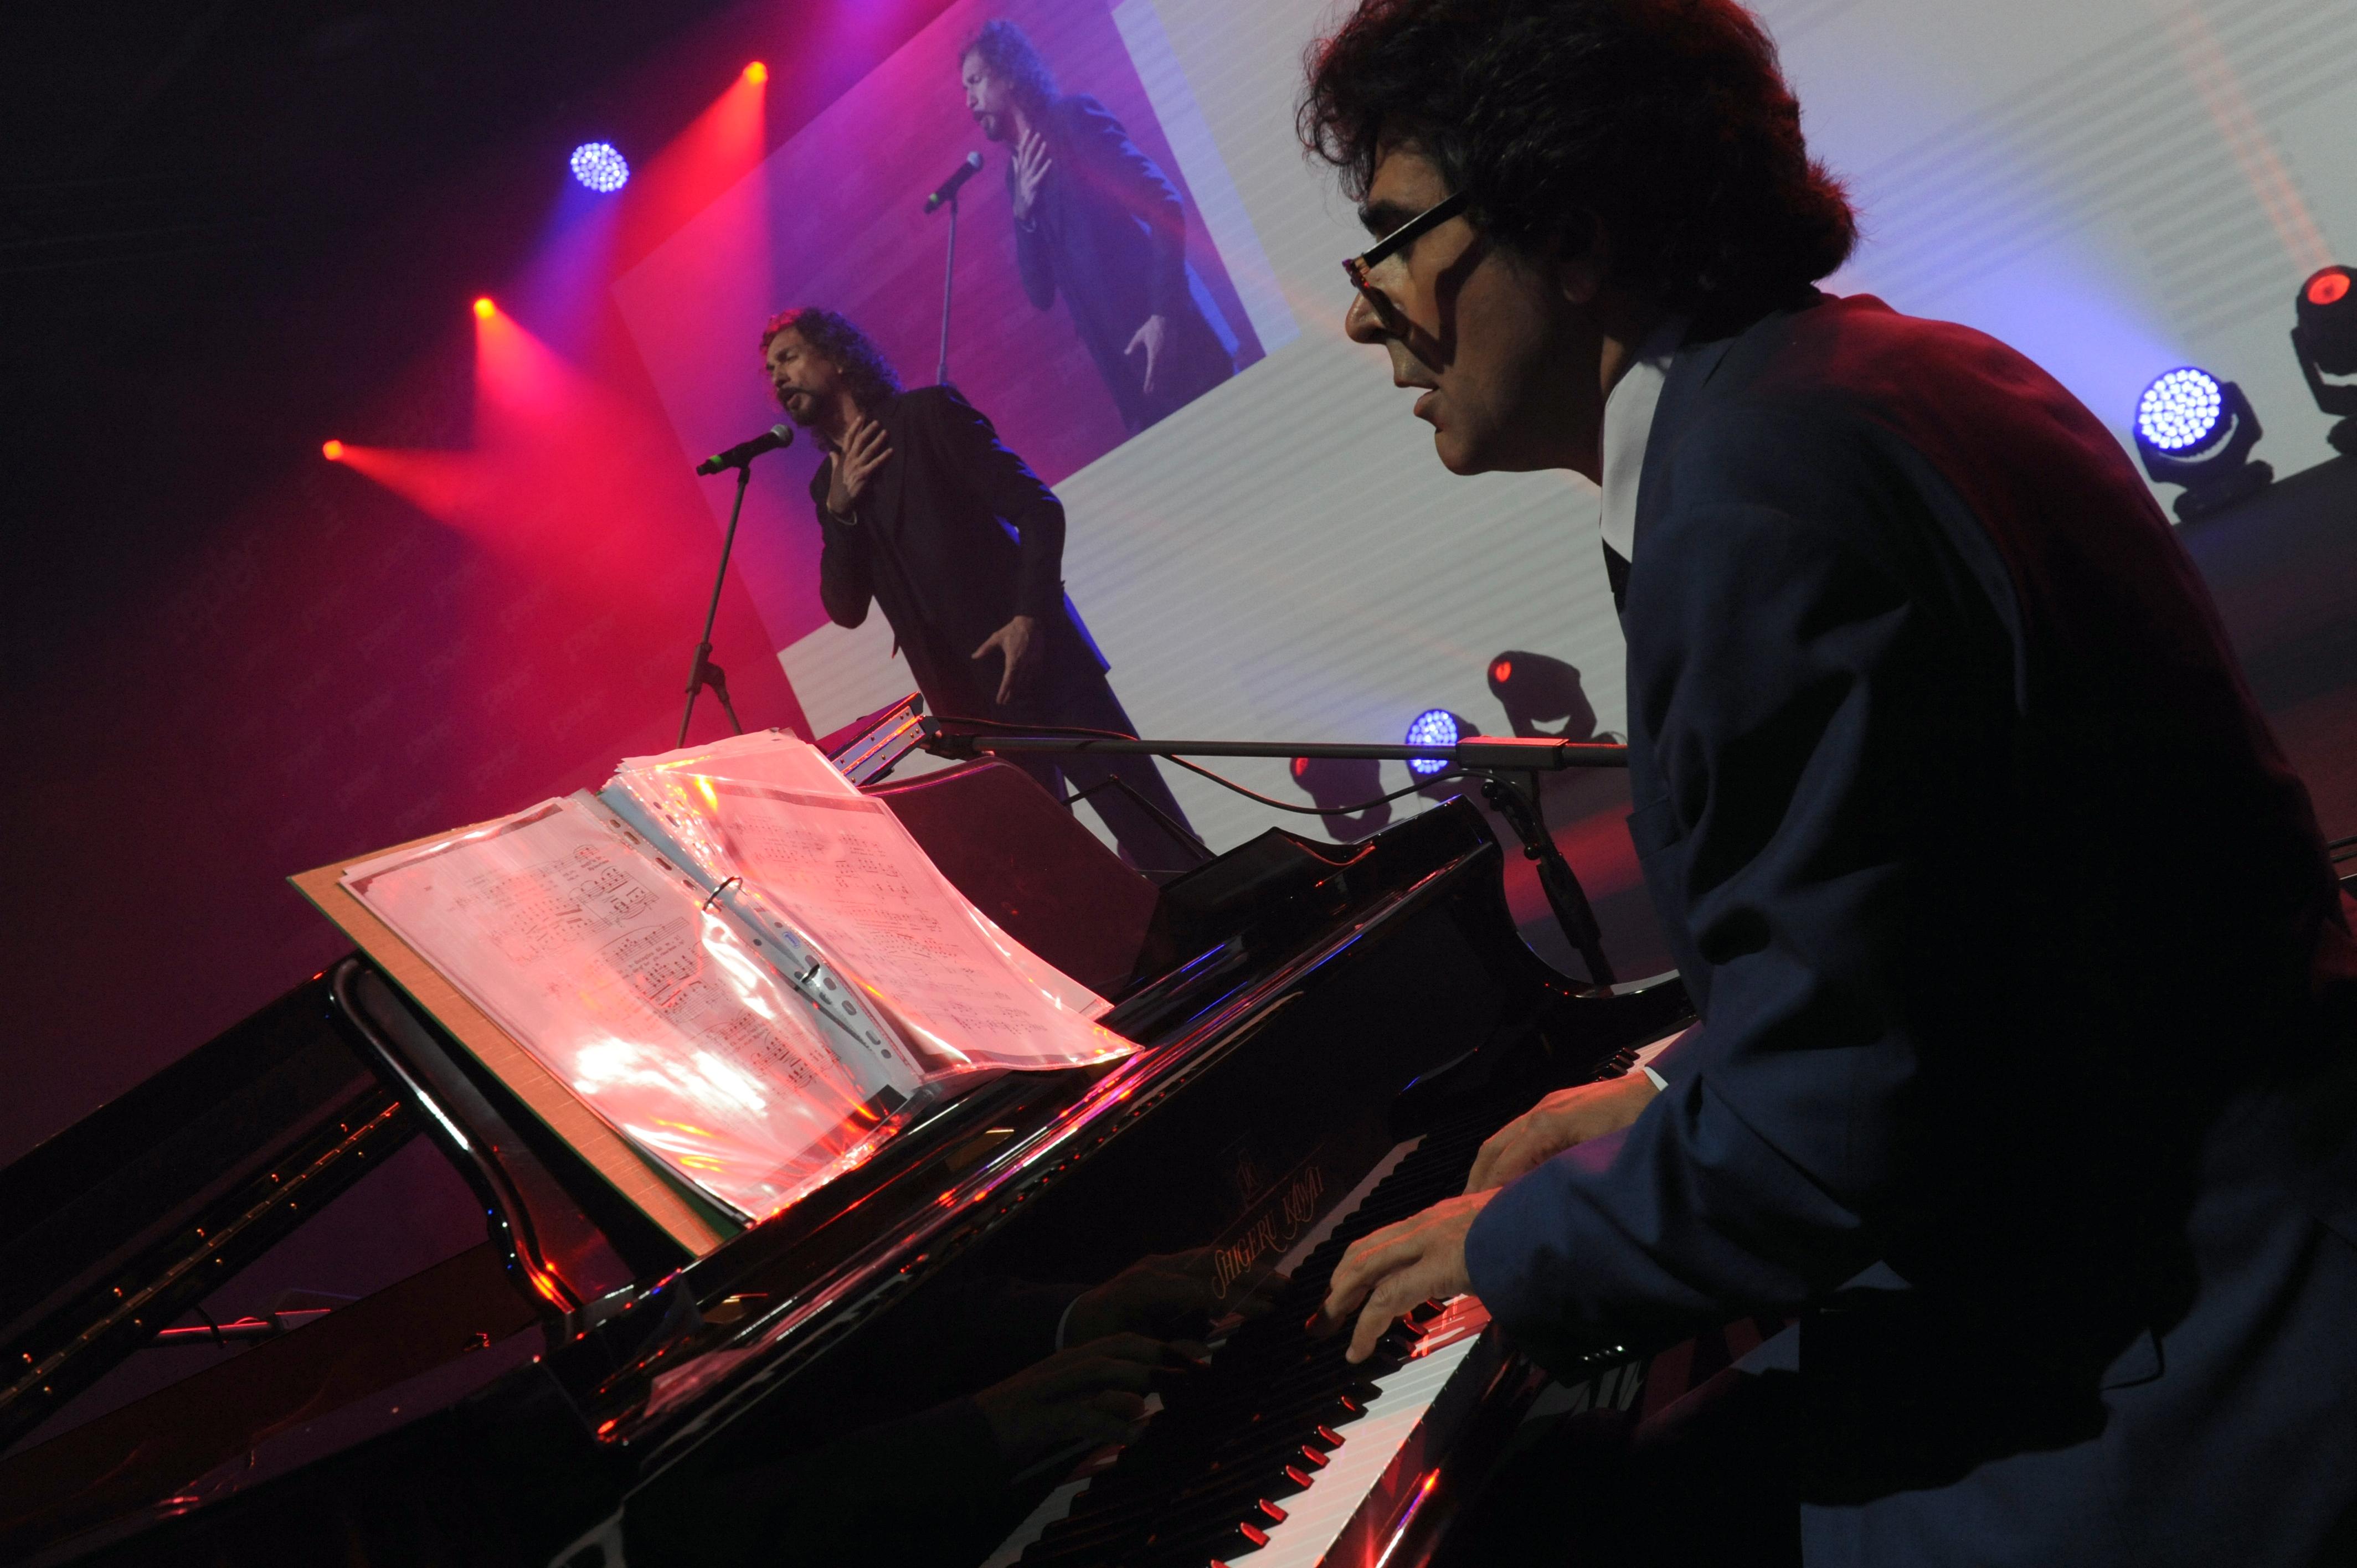 famous conducor of orchestra maestro alberto veronesi to the piano